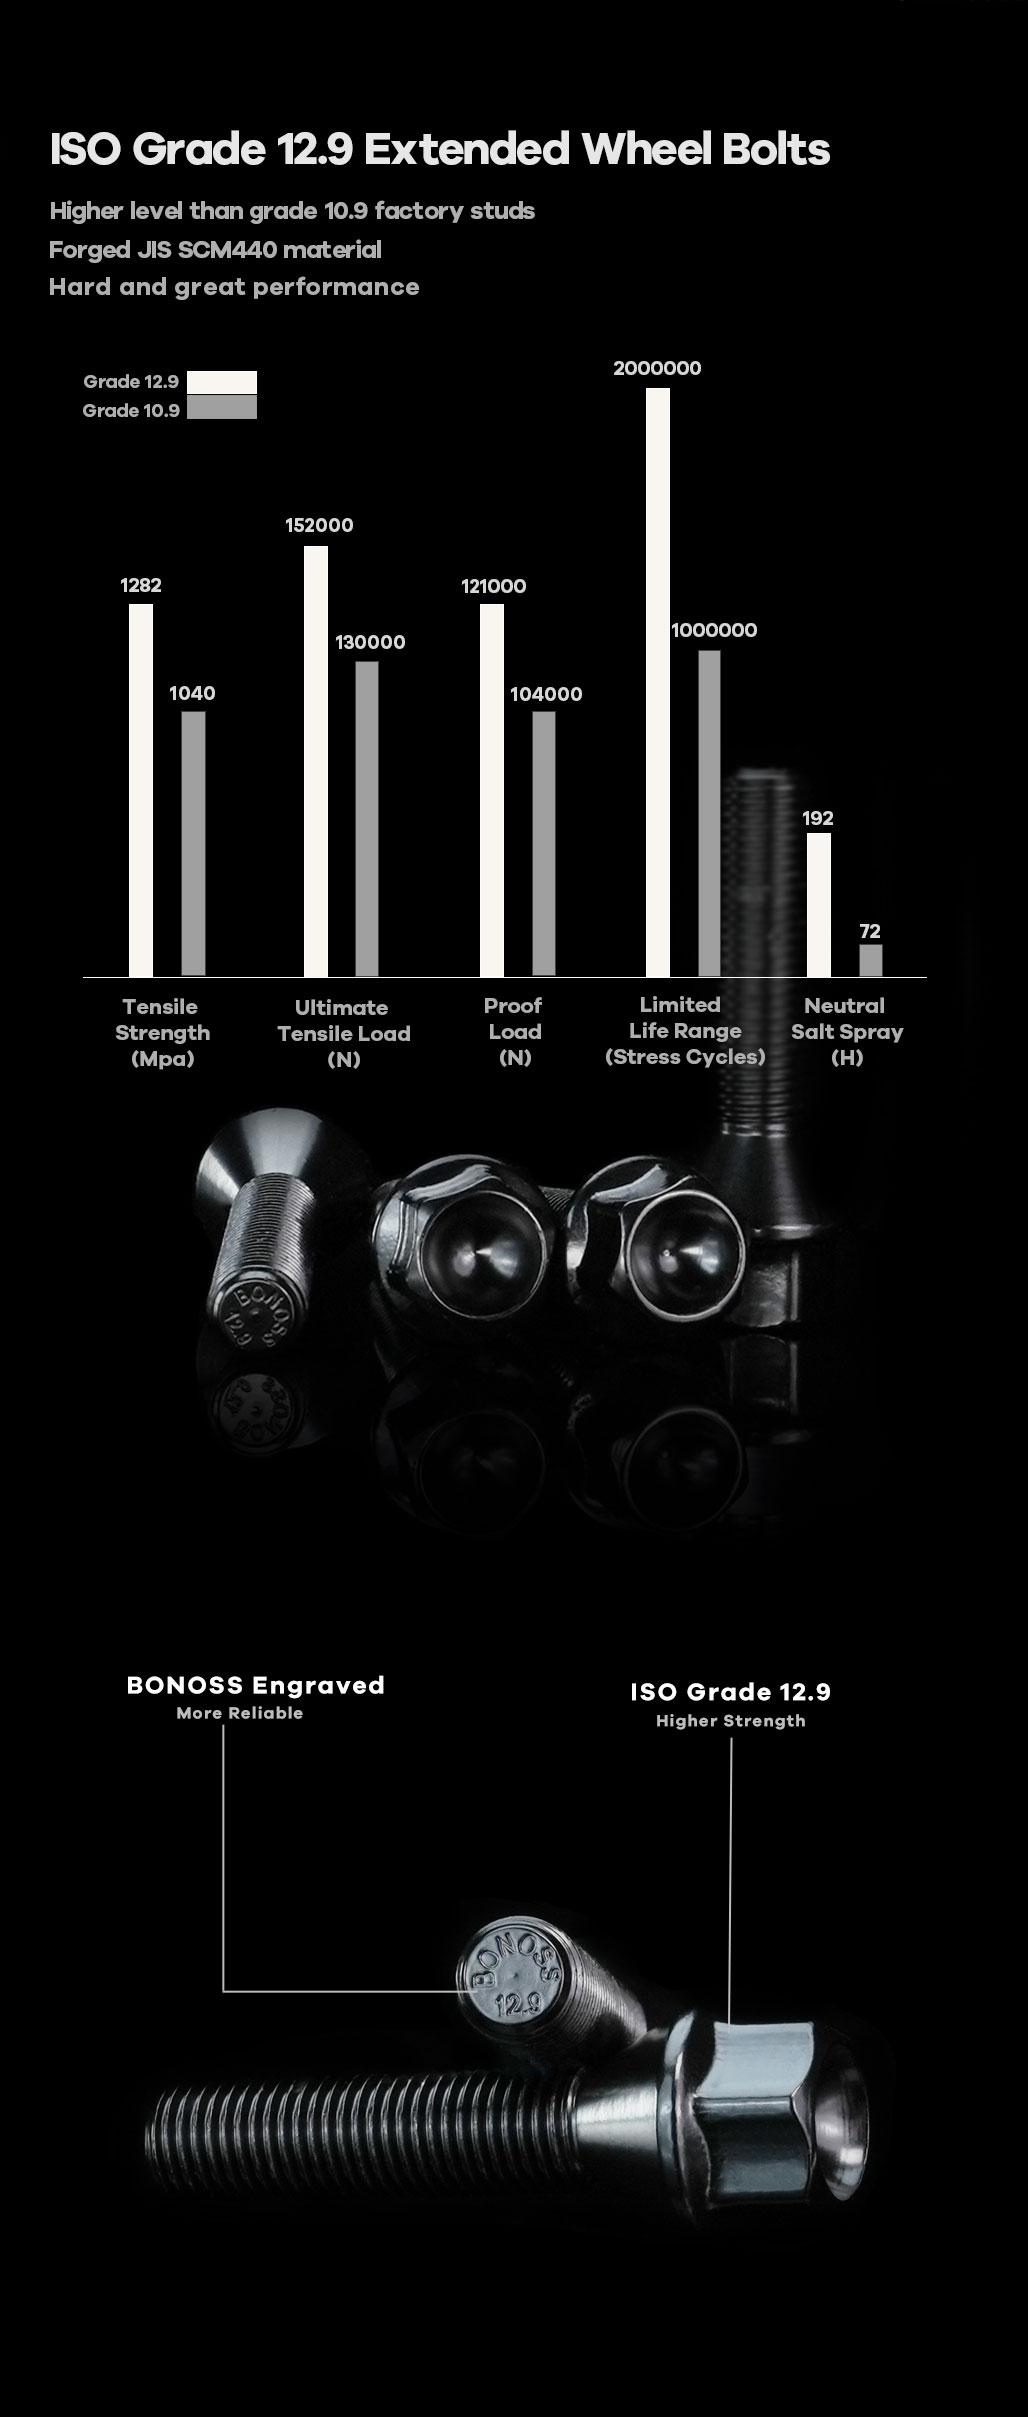 BONOSS-forged-lightweight-plus-wheel-spacer-Opel-agila-a-4x100-54.1-M12x1.25-6061T6-by-grace-3